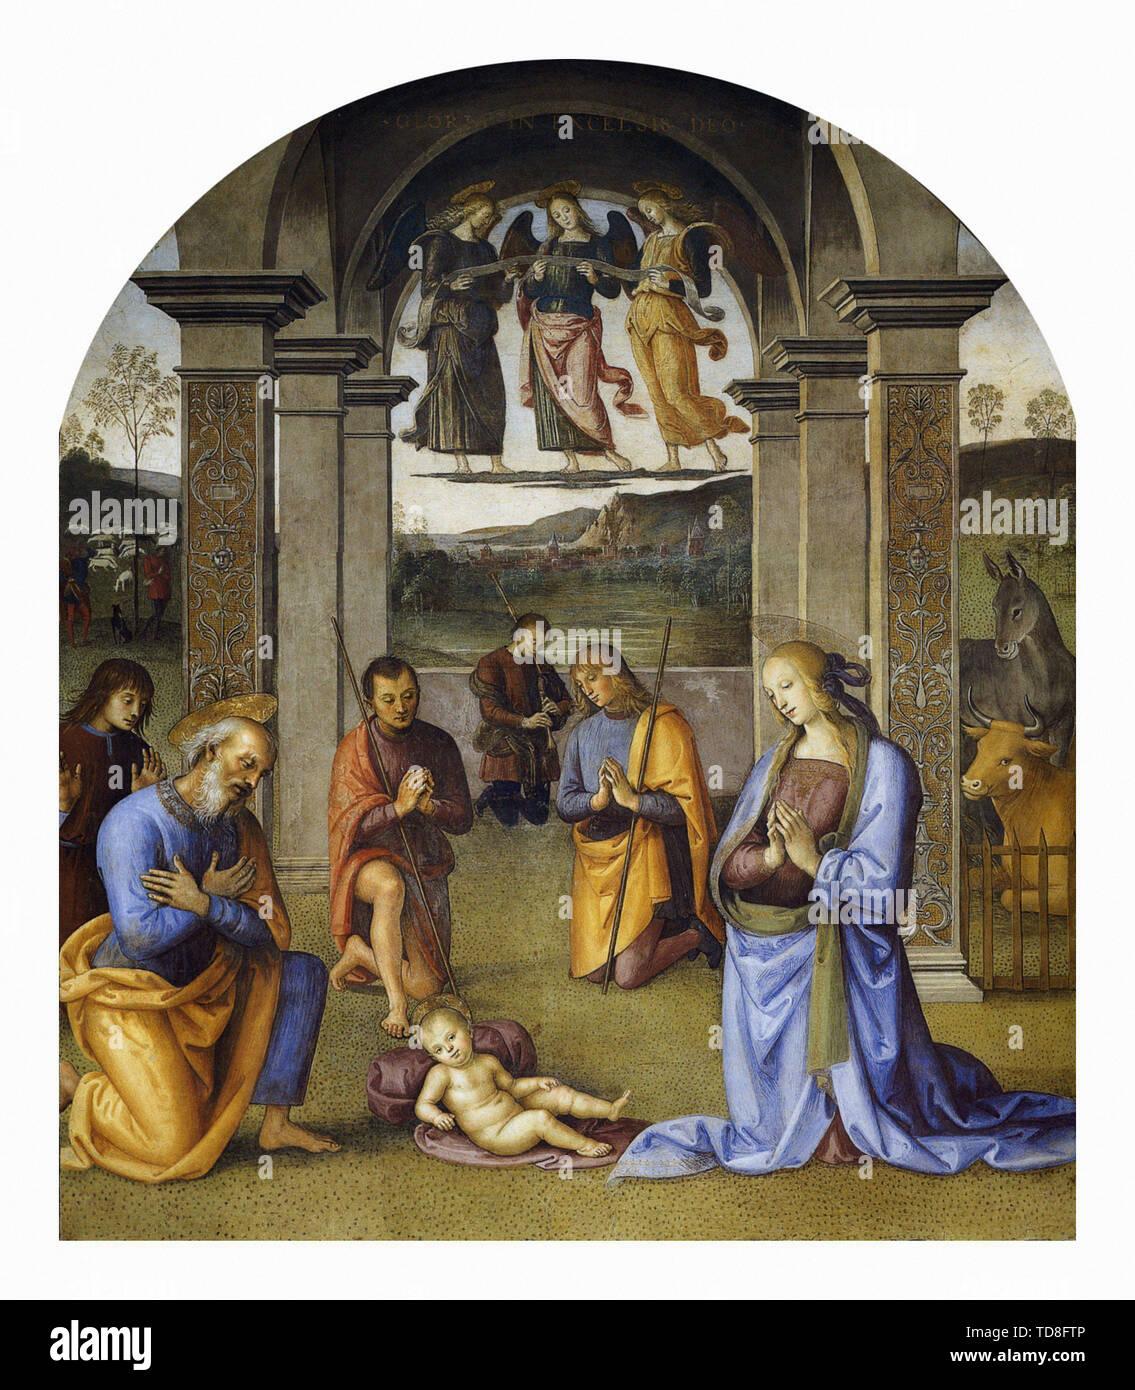 Pietro Perugino - Nativity 1500 - Stock Image